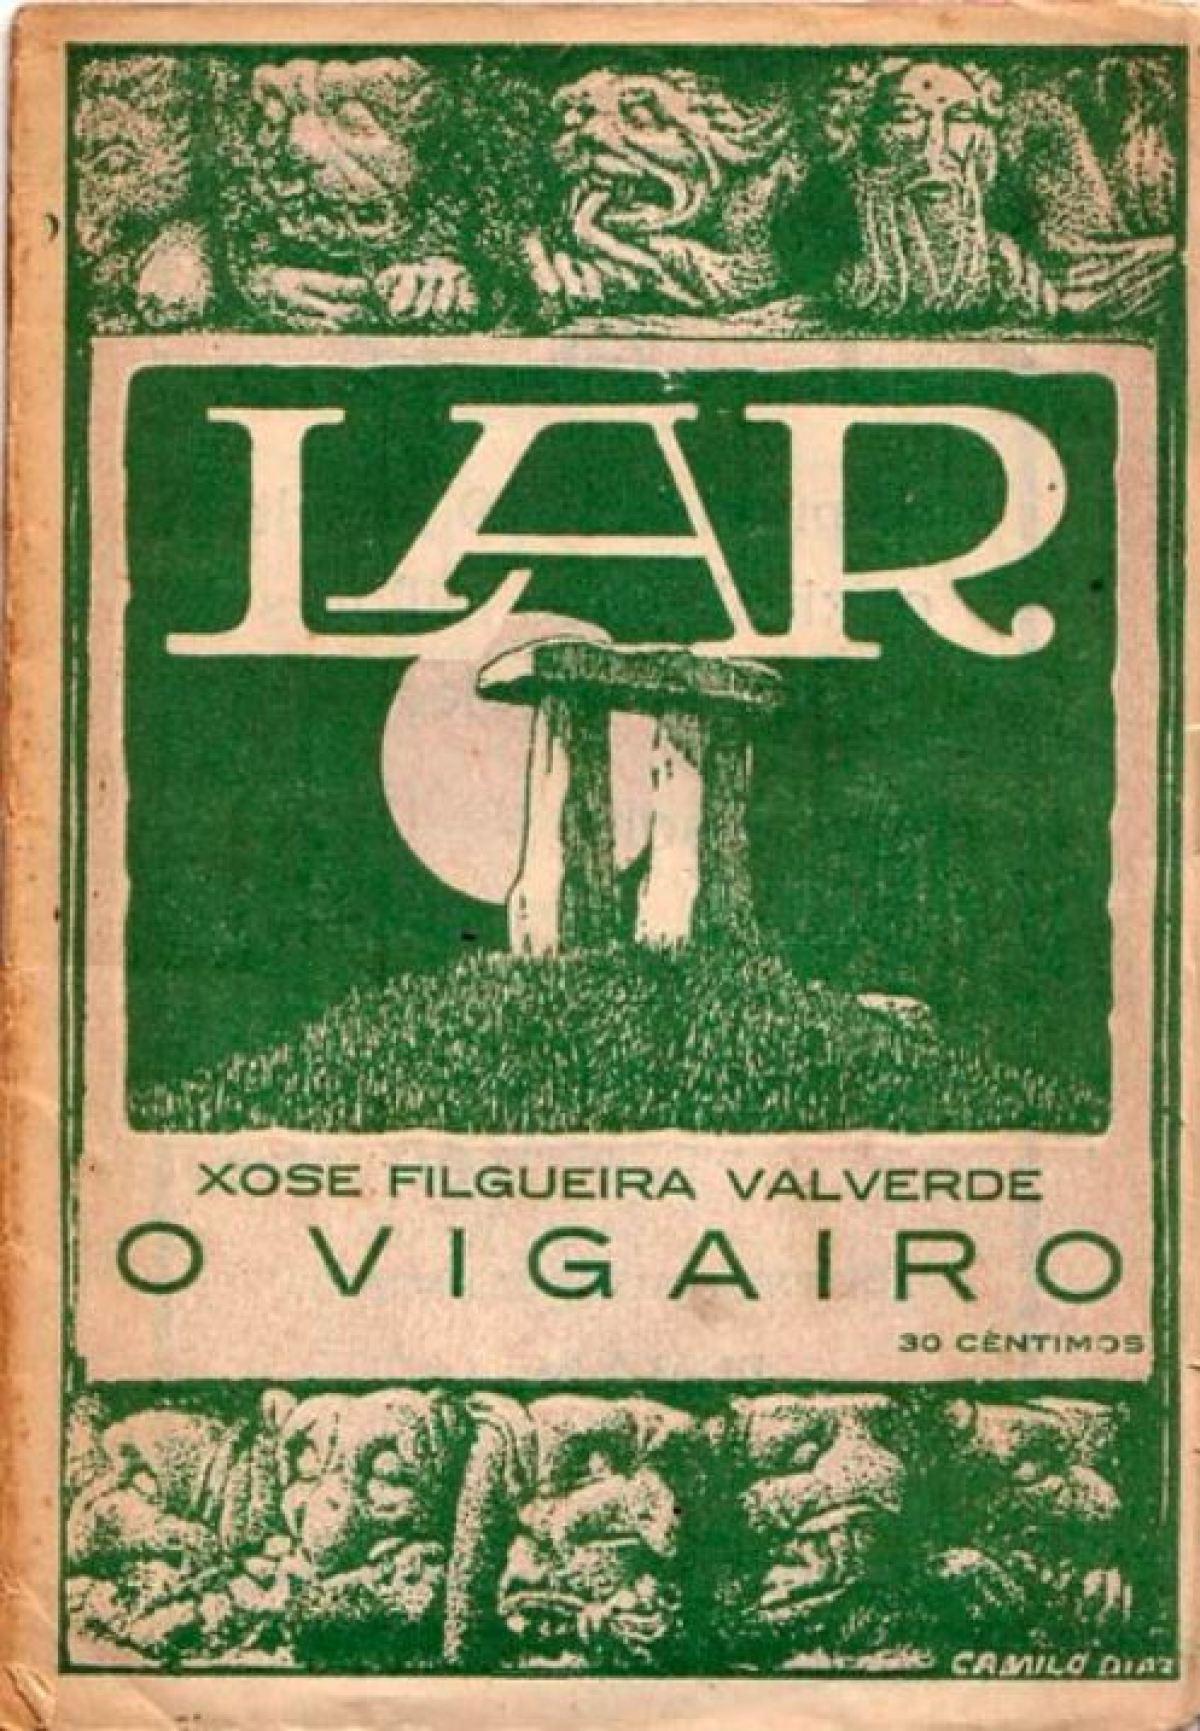 Cuberta da revista Lar, por Camilo Díaz Baliño